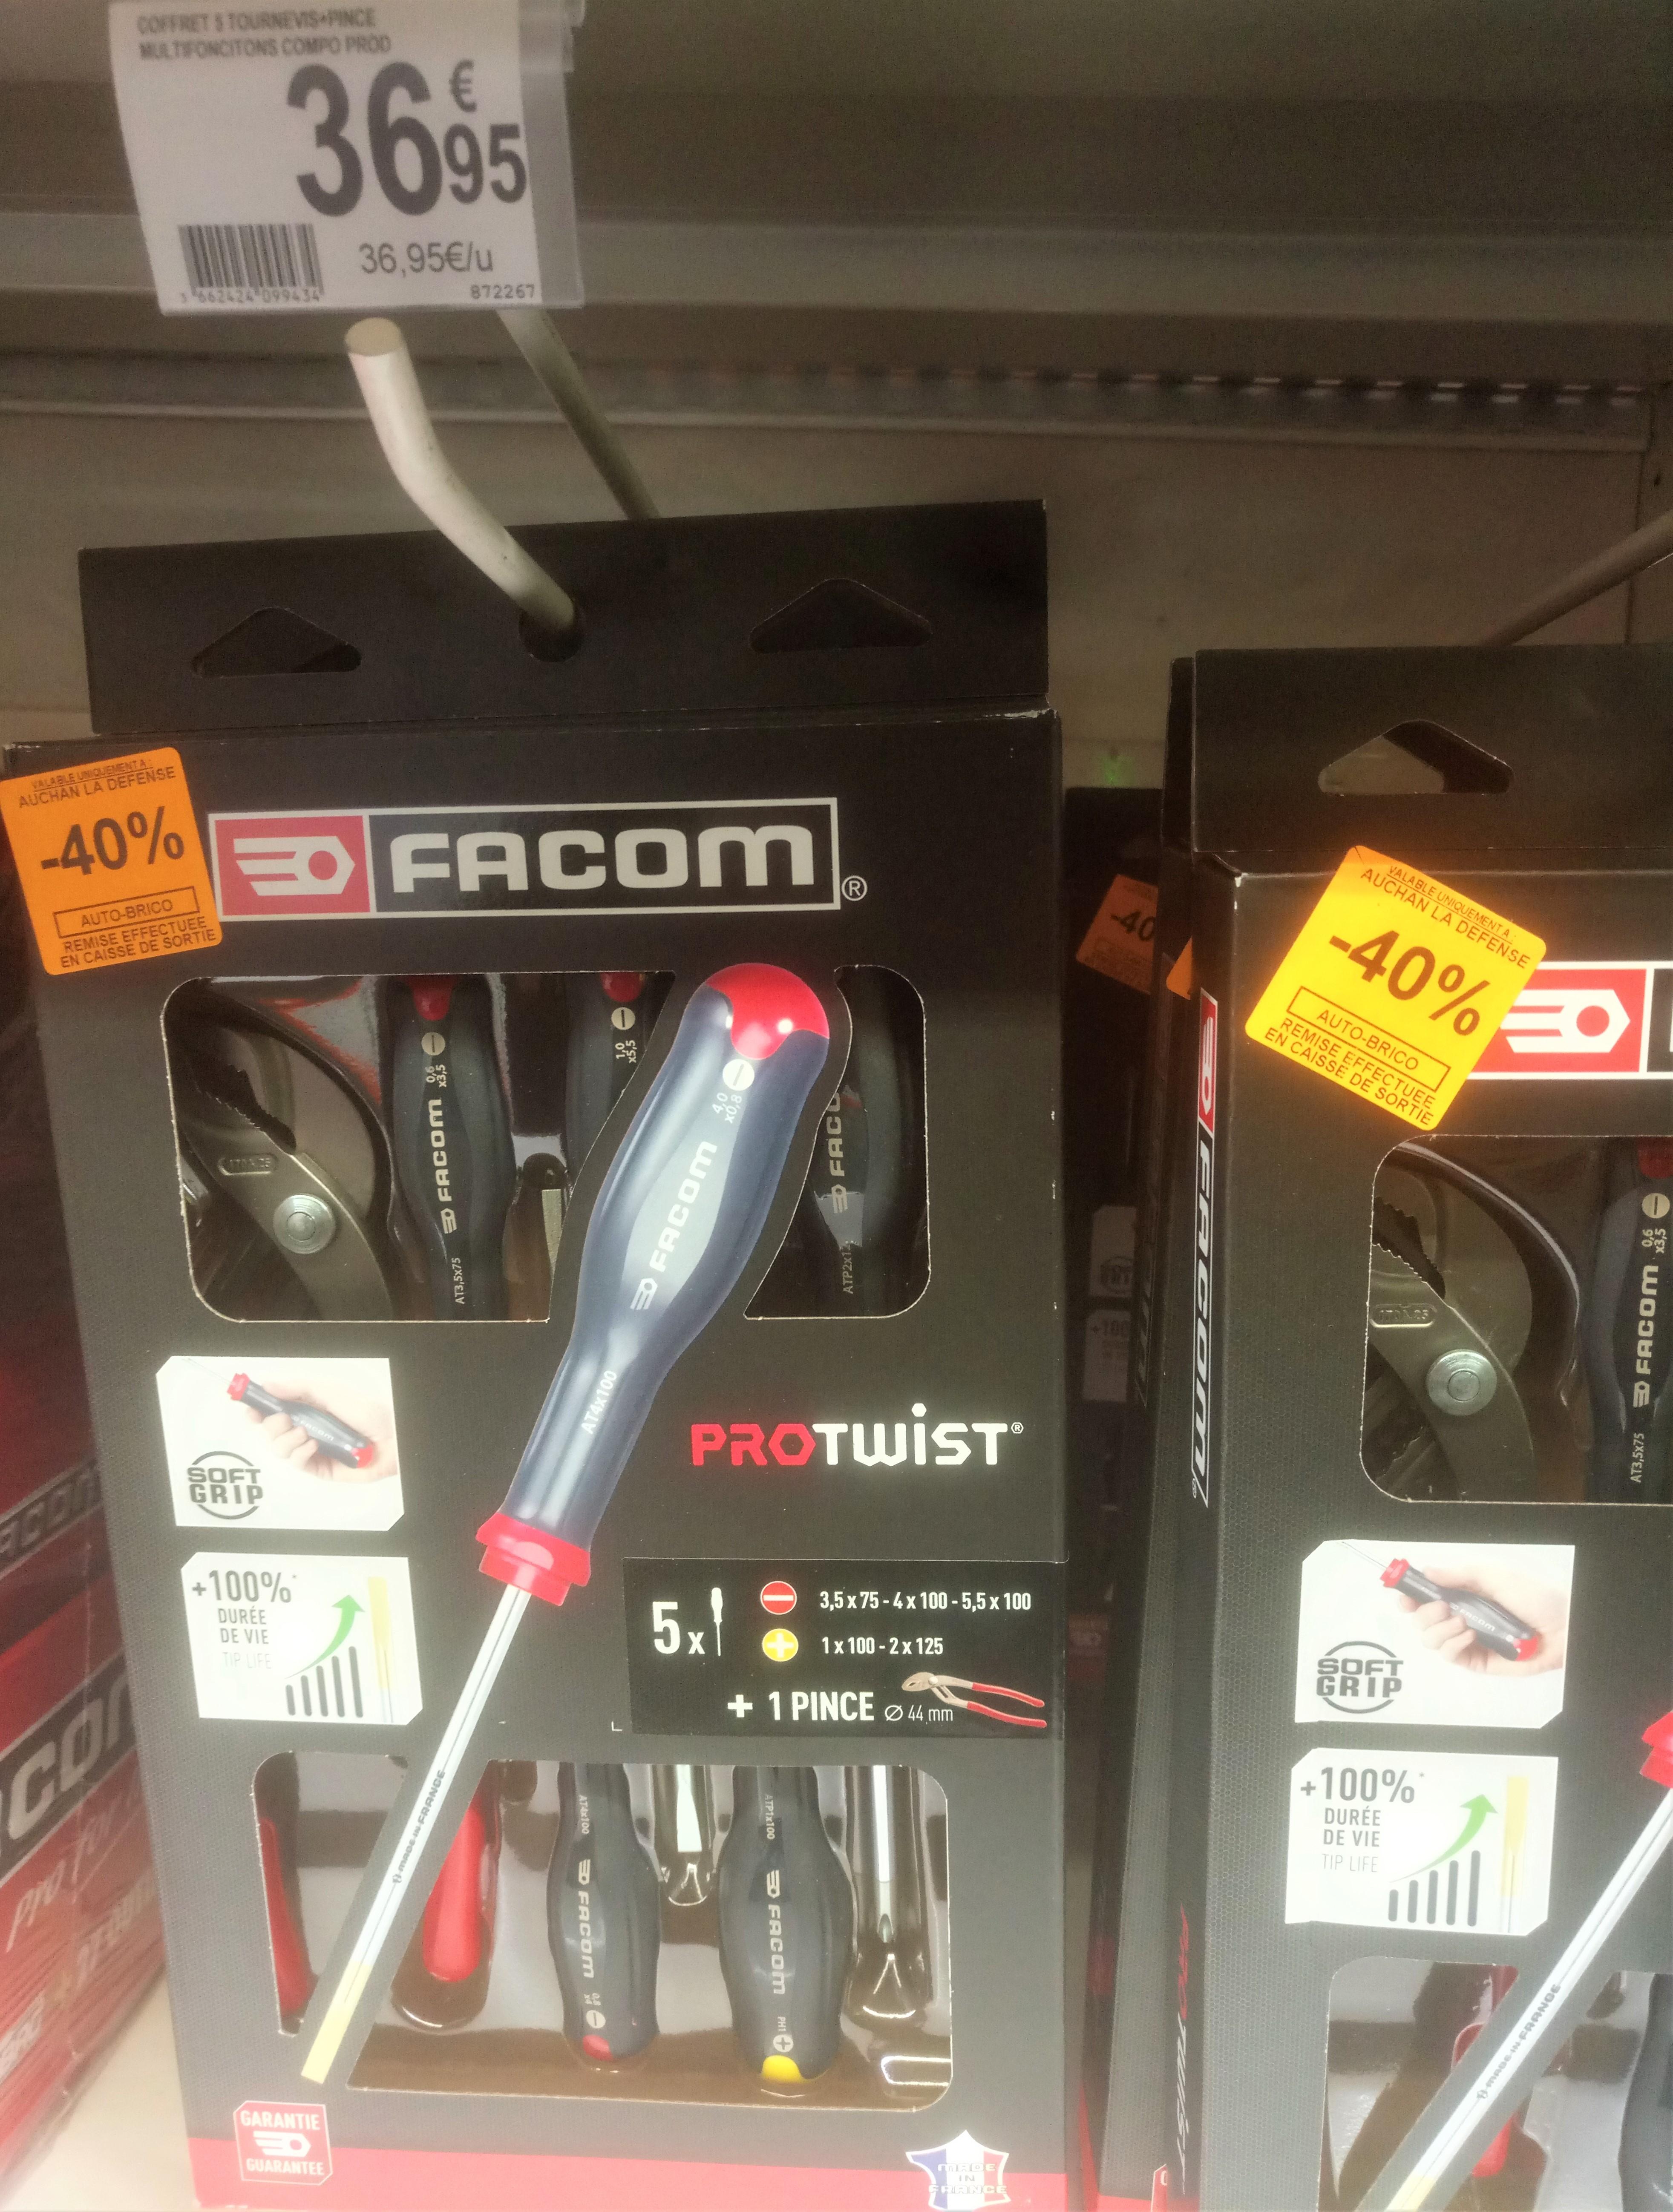 Coffret tournevis Facom Protwist + Pince multiprise - Auchan La Défense (92)